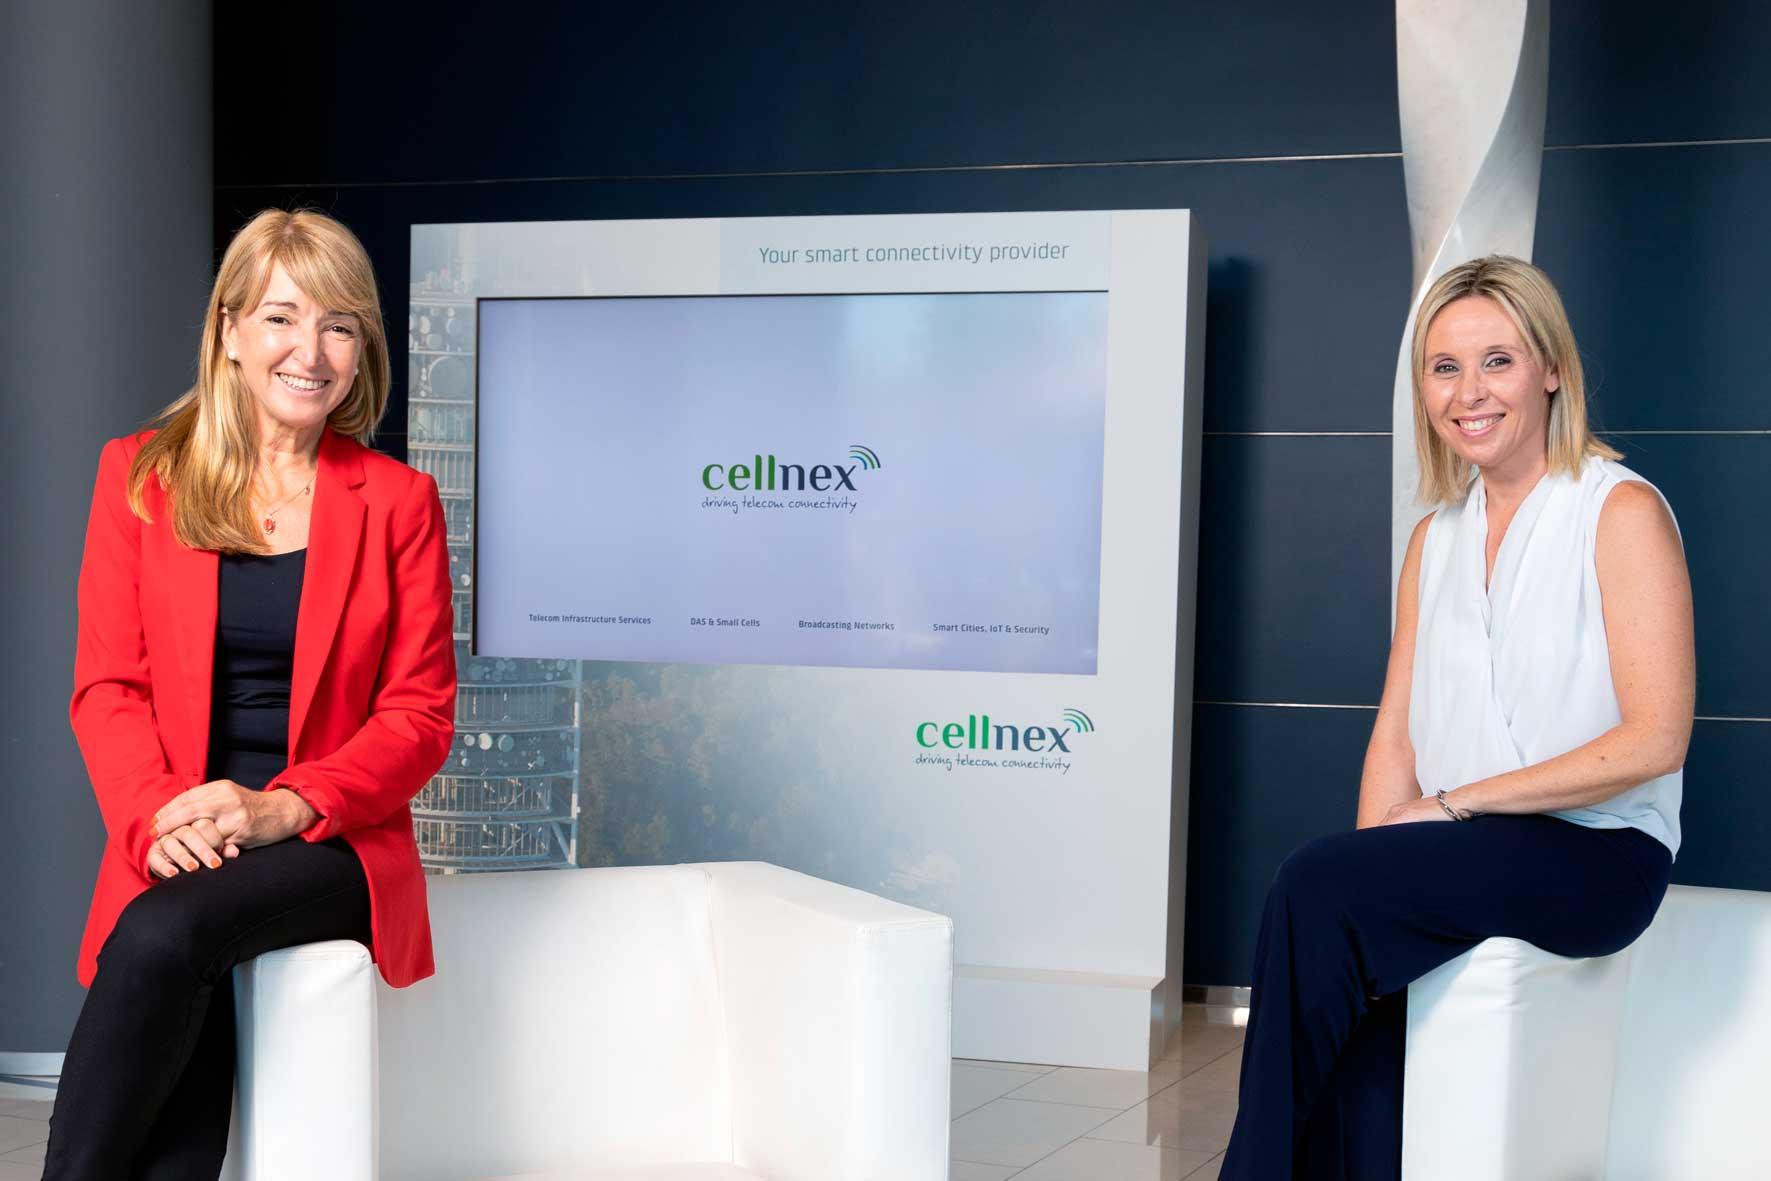 Entrevista a Sandra Carbonell y Nuria Martínez sobre la mejora de la gestión del talento en Cellnex